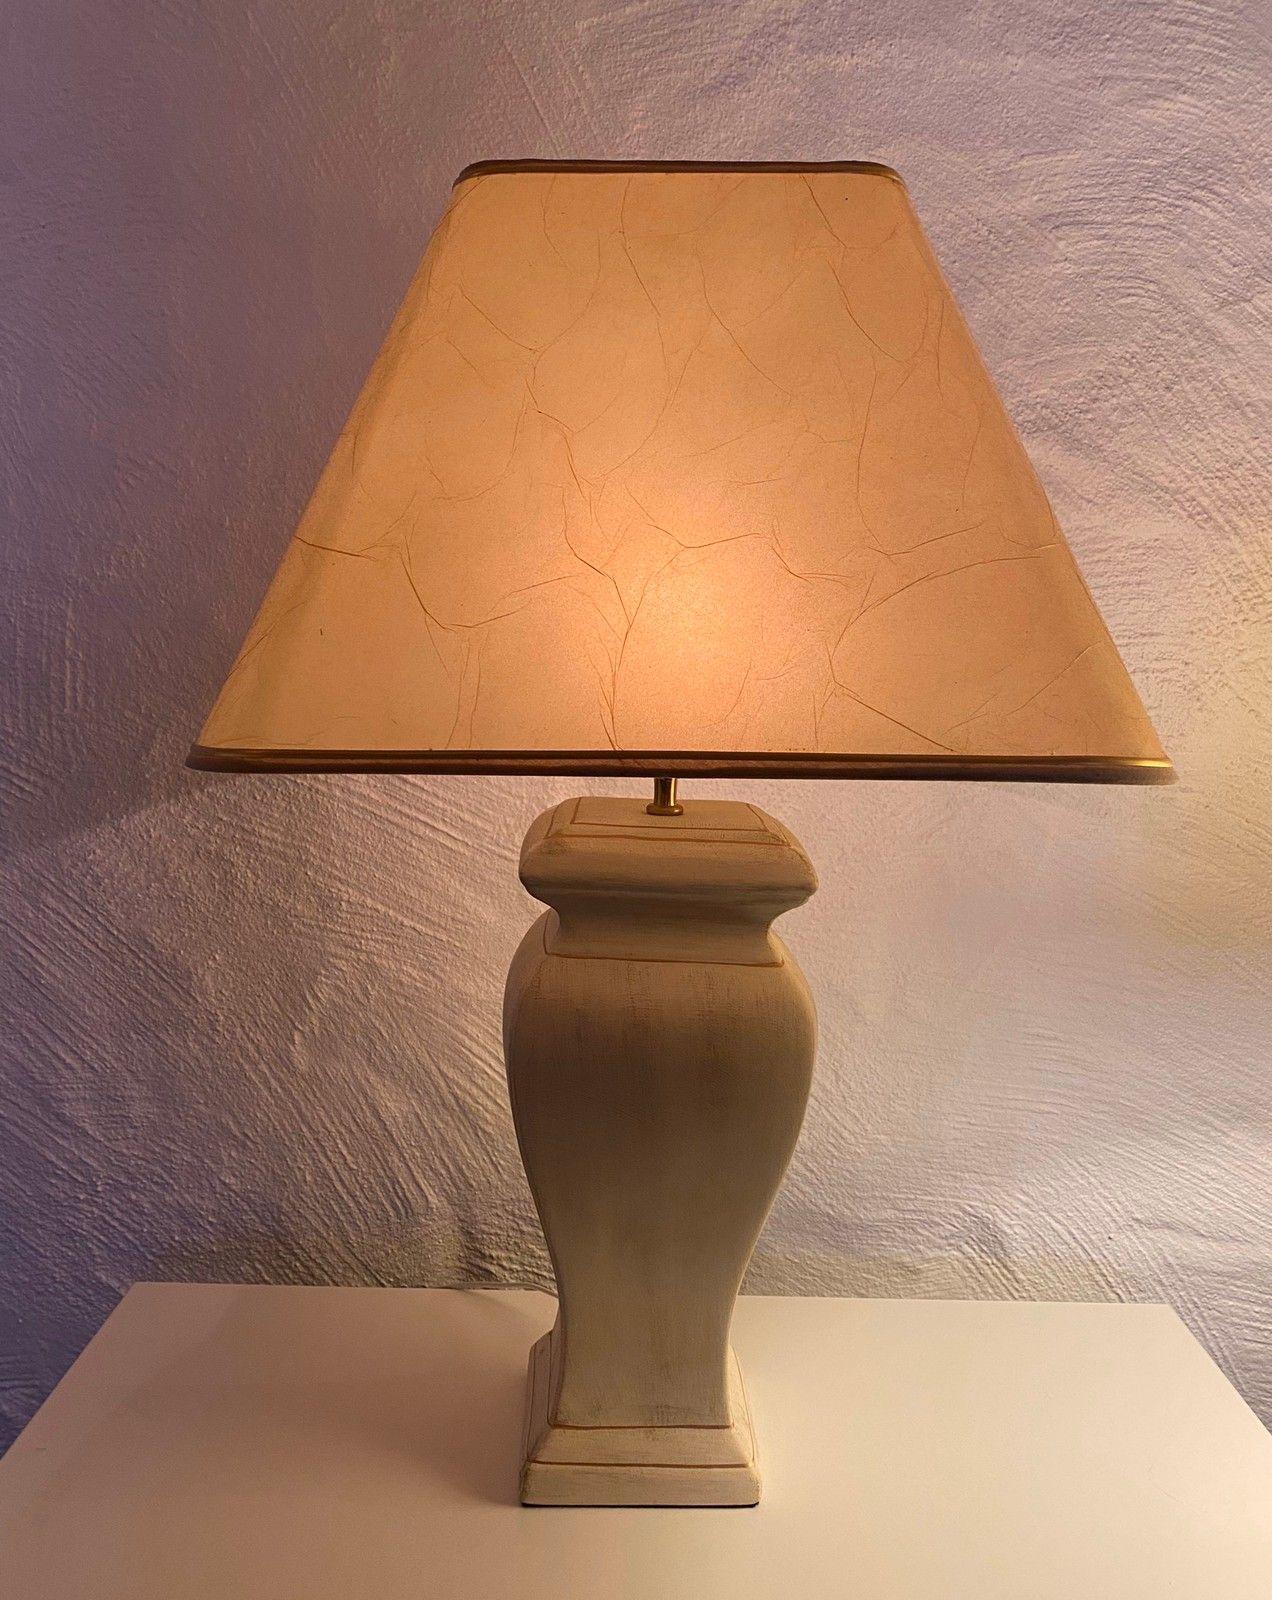 Fin gammel lampe Kjøpe, selge og utveksle annonser finn